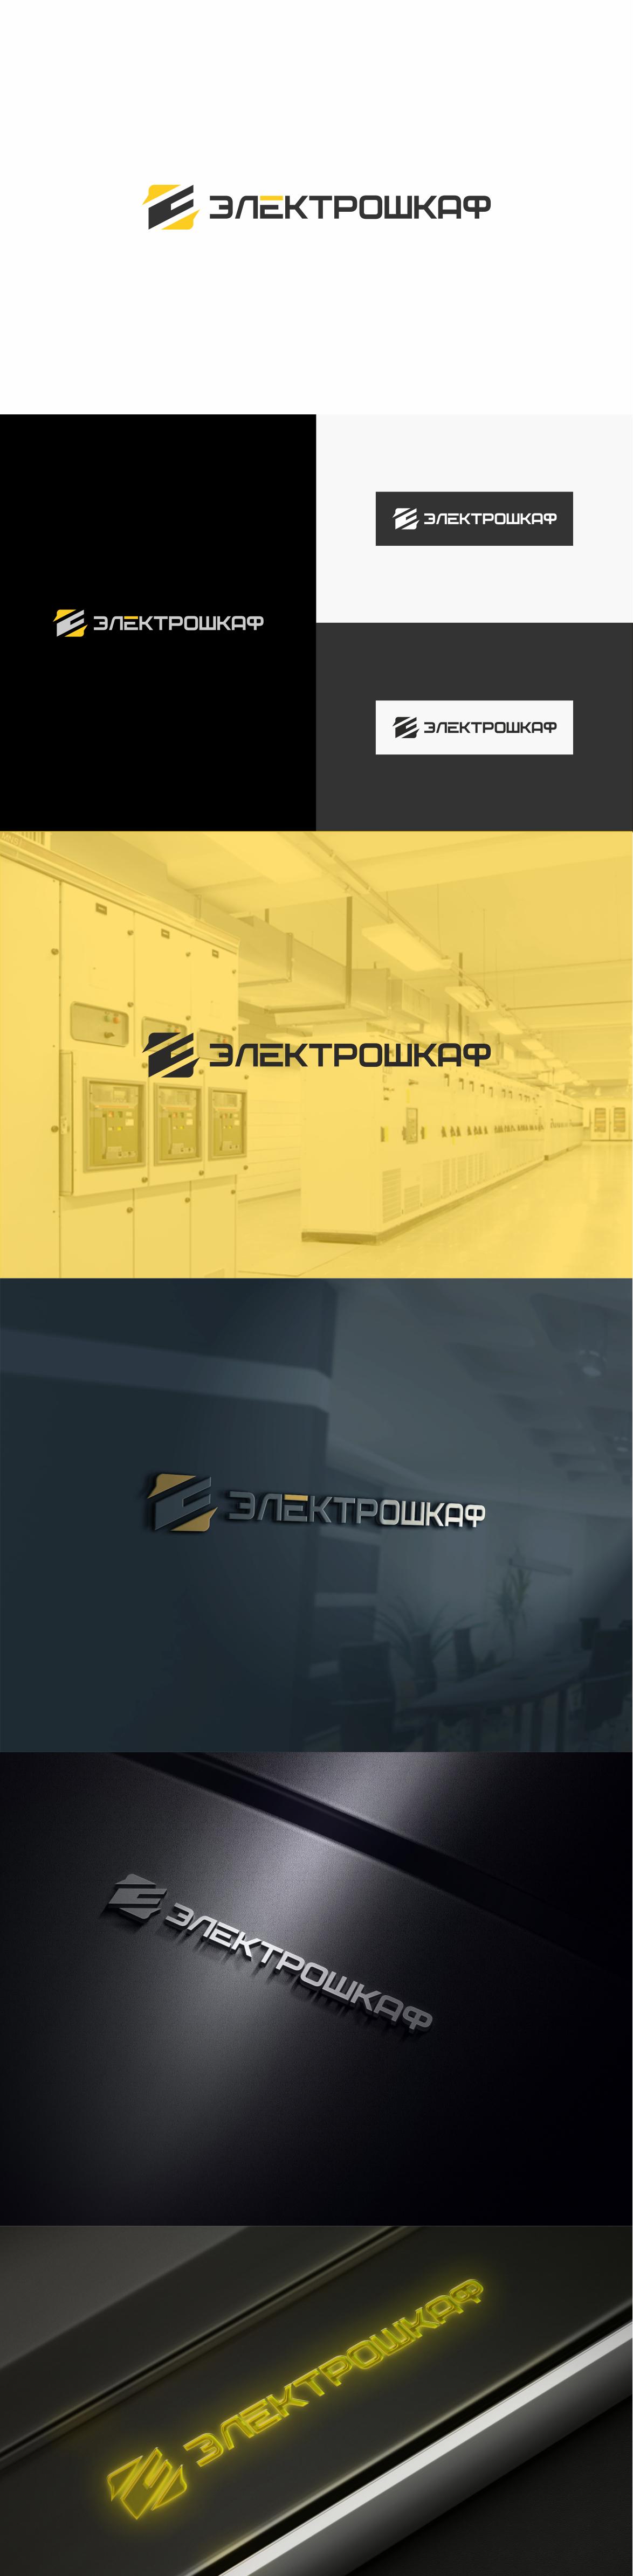 Разработать логотип для завода по производству электрощитов фото f_1585b71b71a2c7f8.jpg